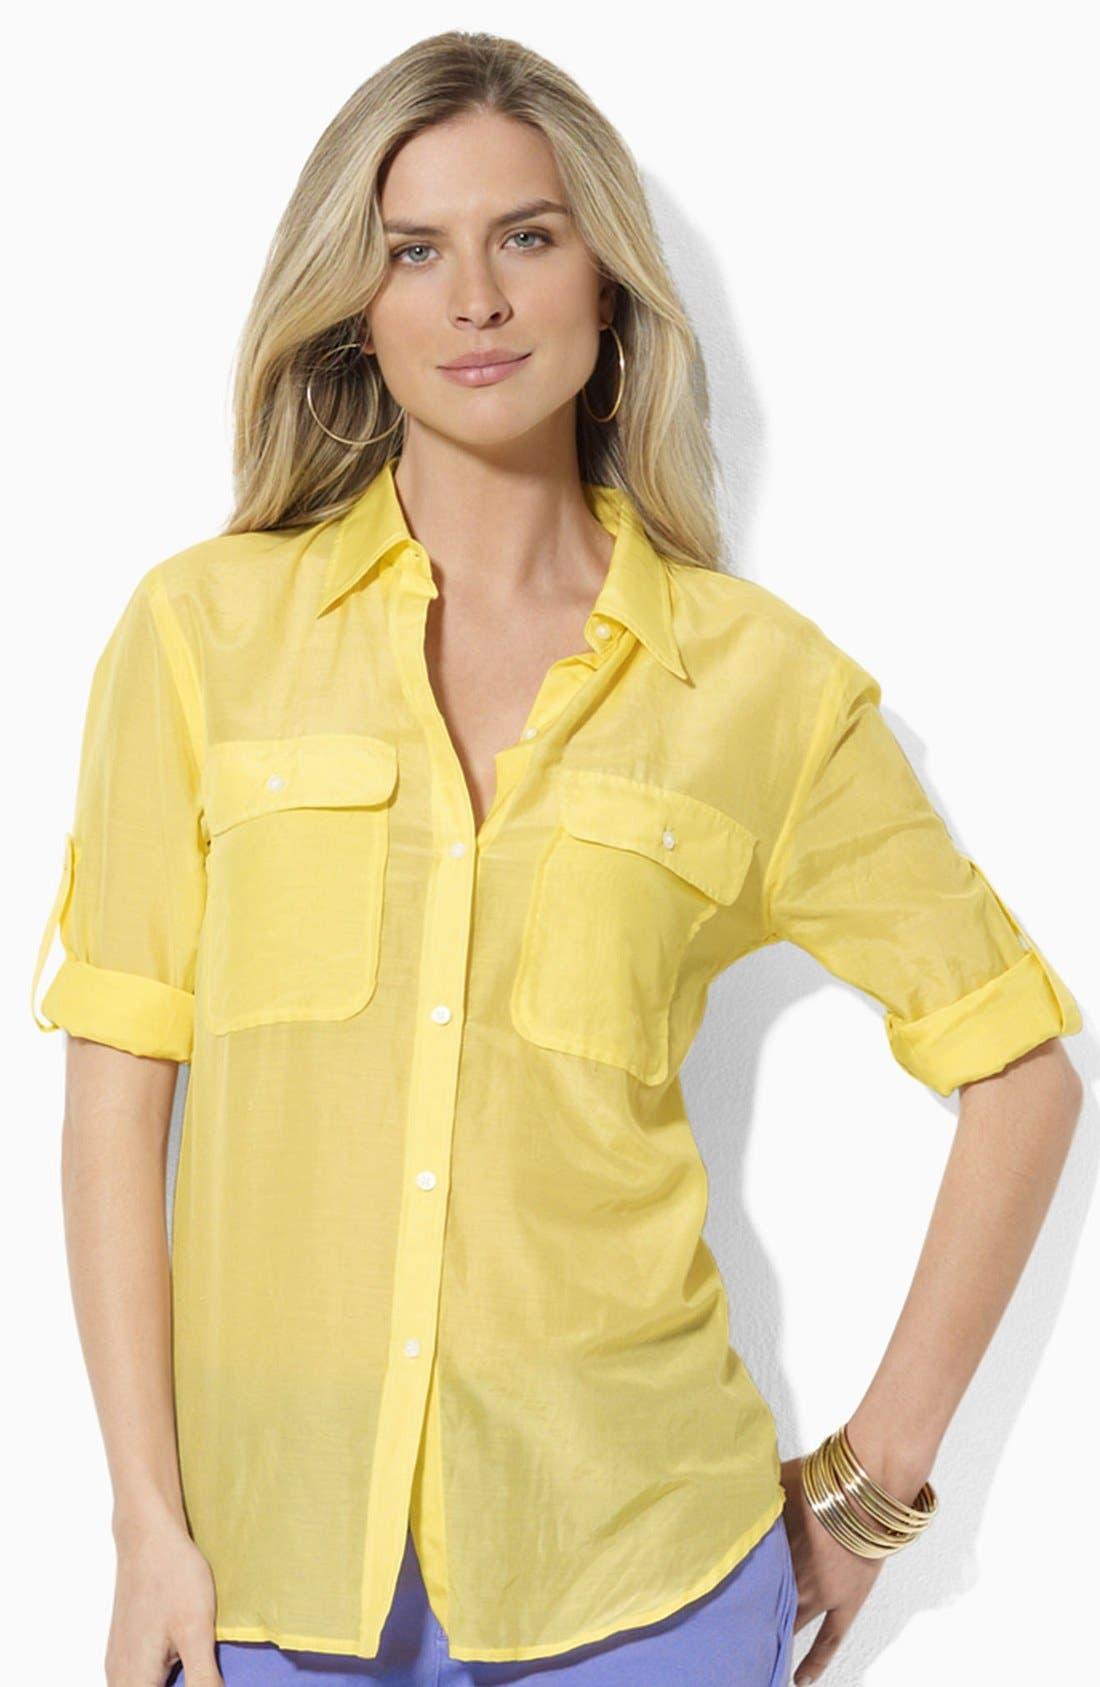 Alternate Image 1 Selected - Lauren Ralph Lauren Cotton Work Shirt